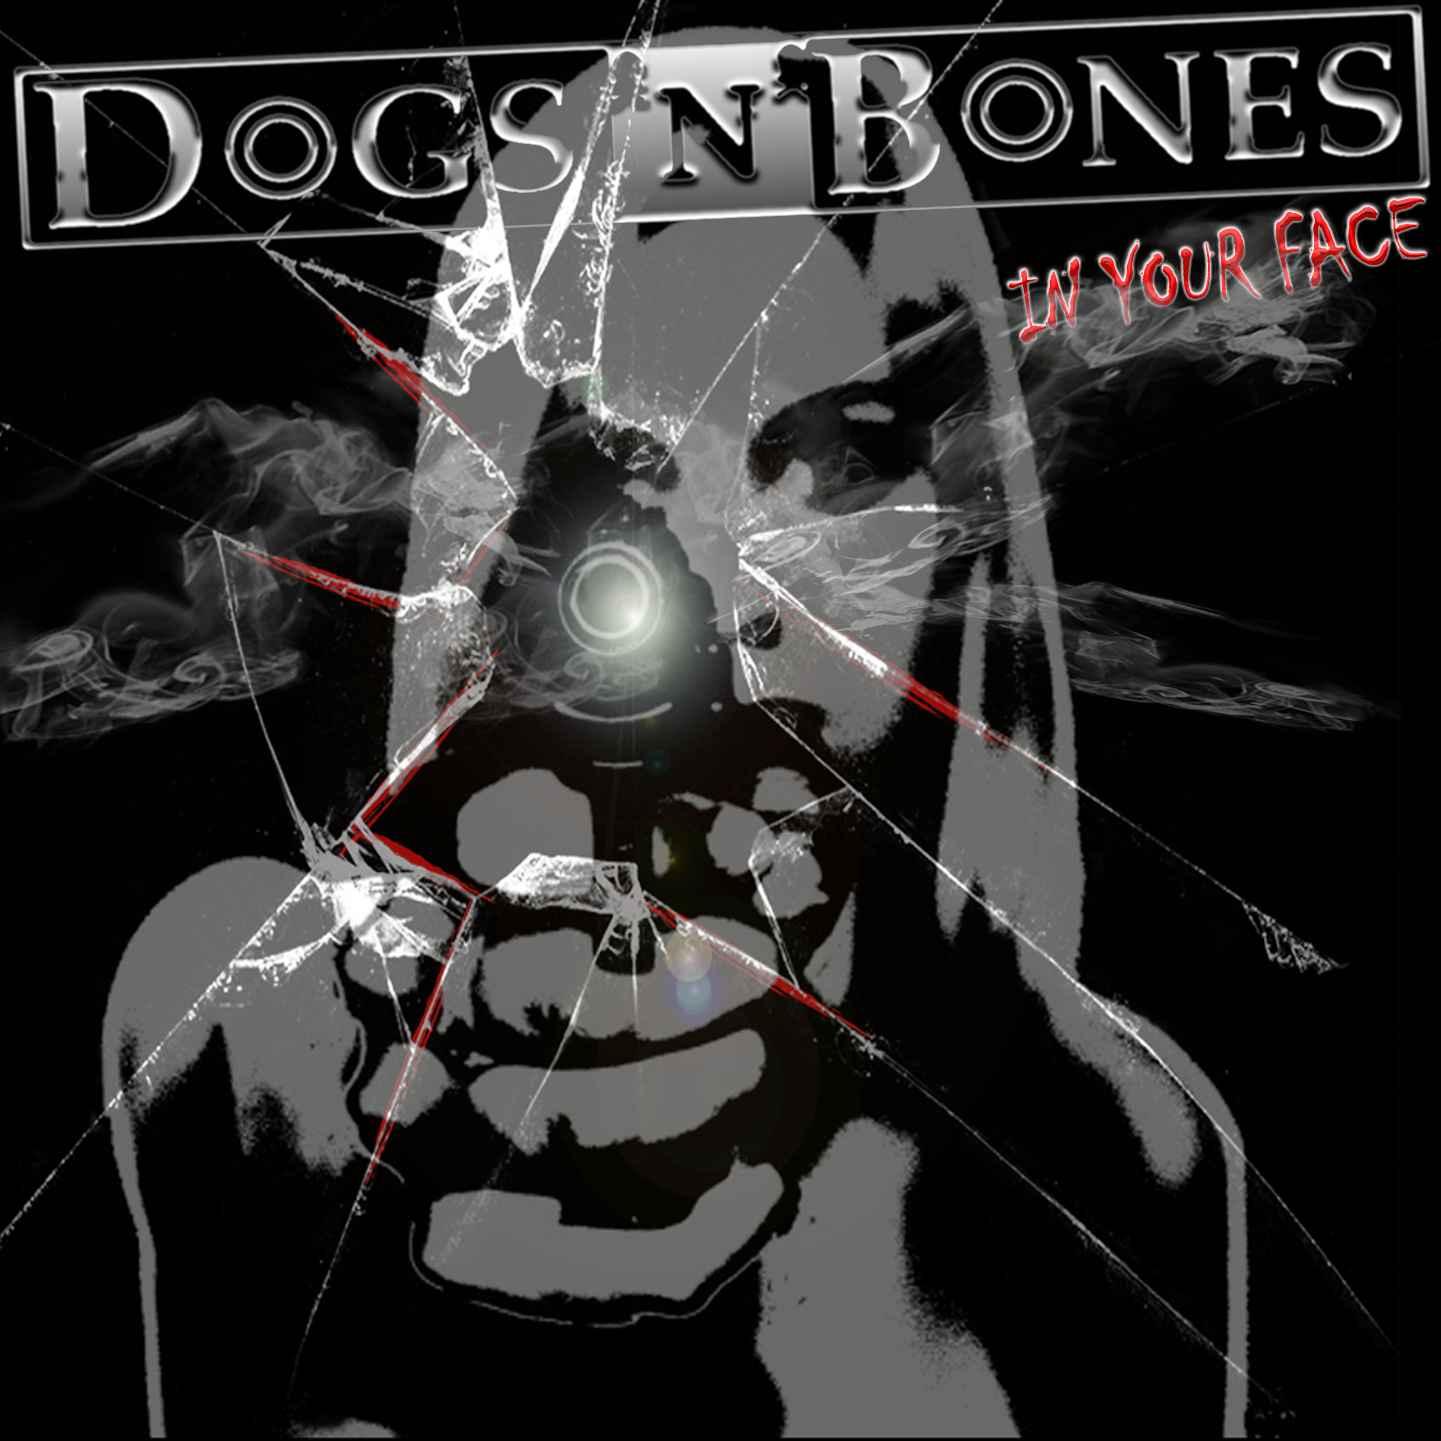 Dogs 'N' Bones: a fine mese il nuovo album